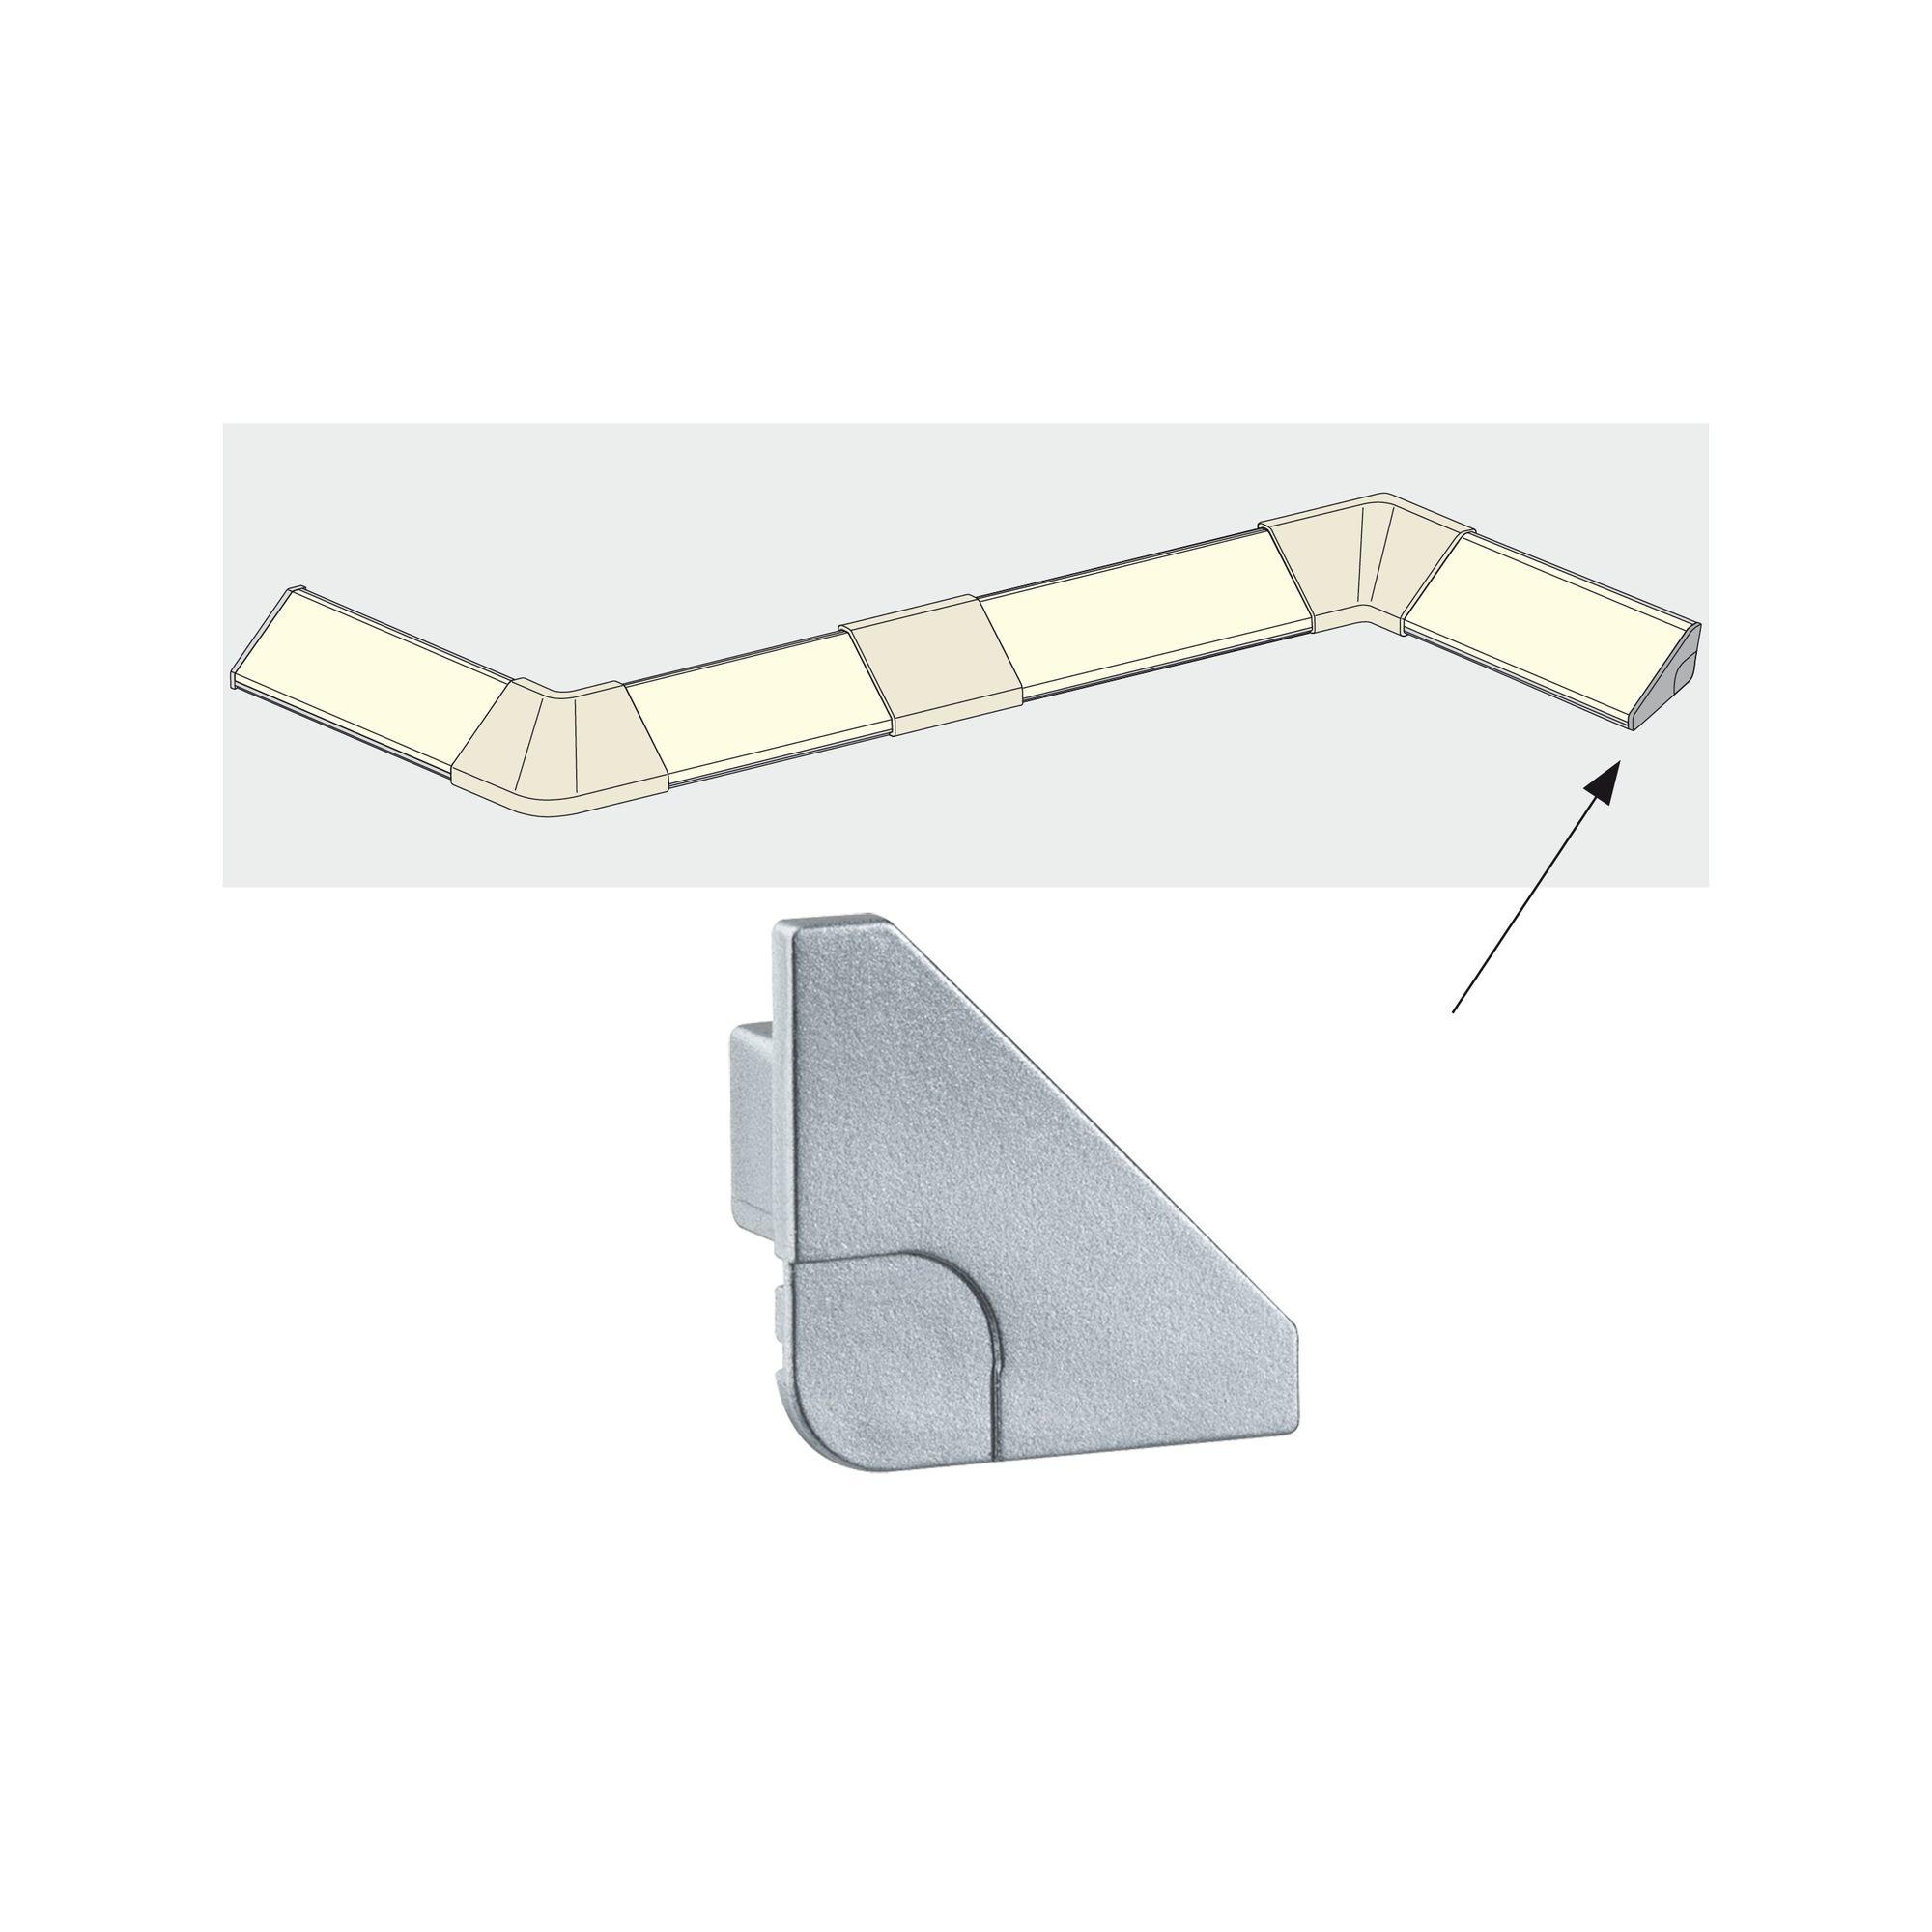 Paulmann Delta Profil Cap 2er Pack Alu matt, Kunststoff